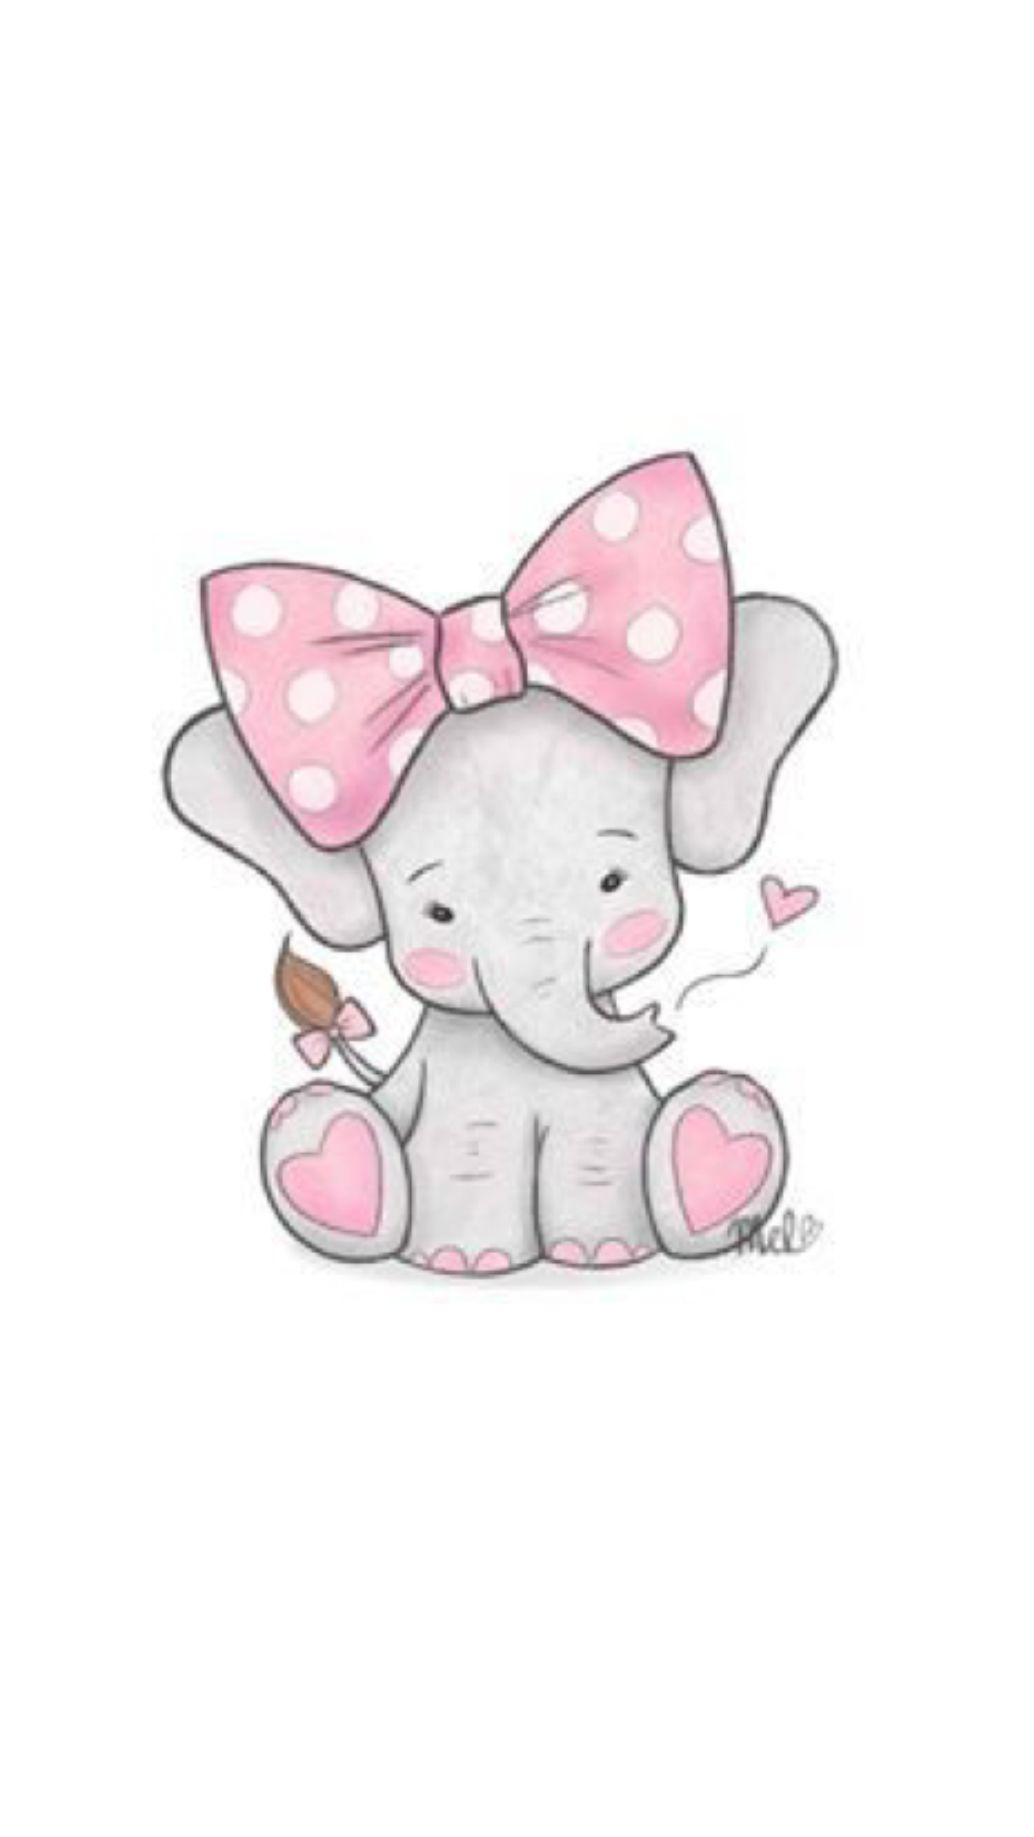 Pin Di Edy Trinci Su Disegni Bambini Disegni Elefante Disegni